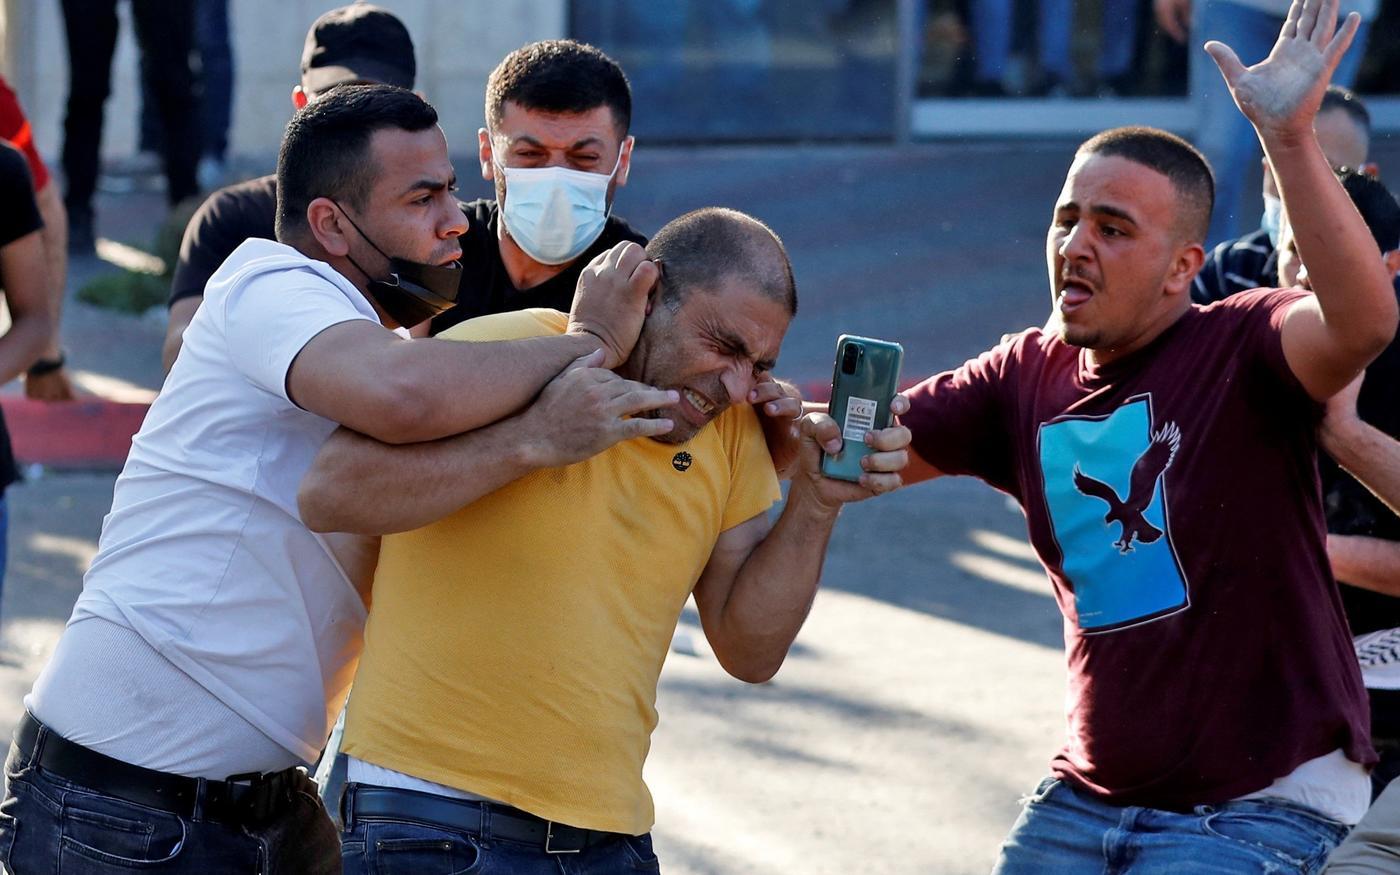 Des officiers de sécurité palestiniens en civil arrêtent un homme lors d'une manifestation à Ramallah, en Cisjordanie occupée, le 26juin2021 (AFP)